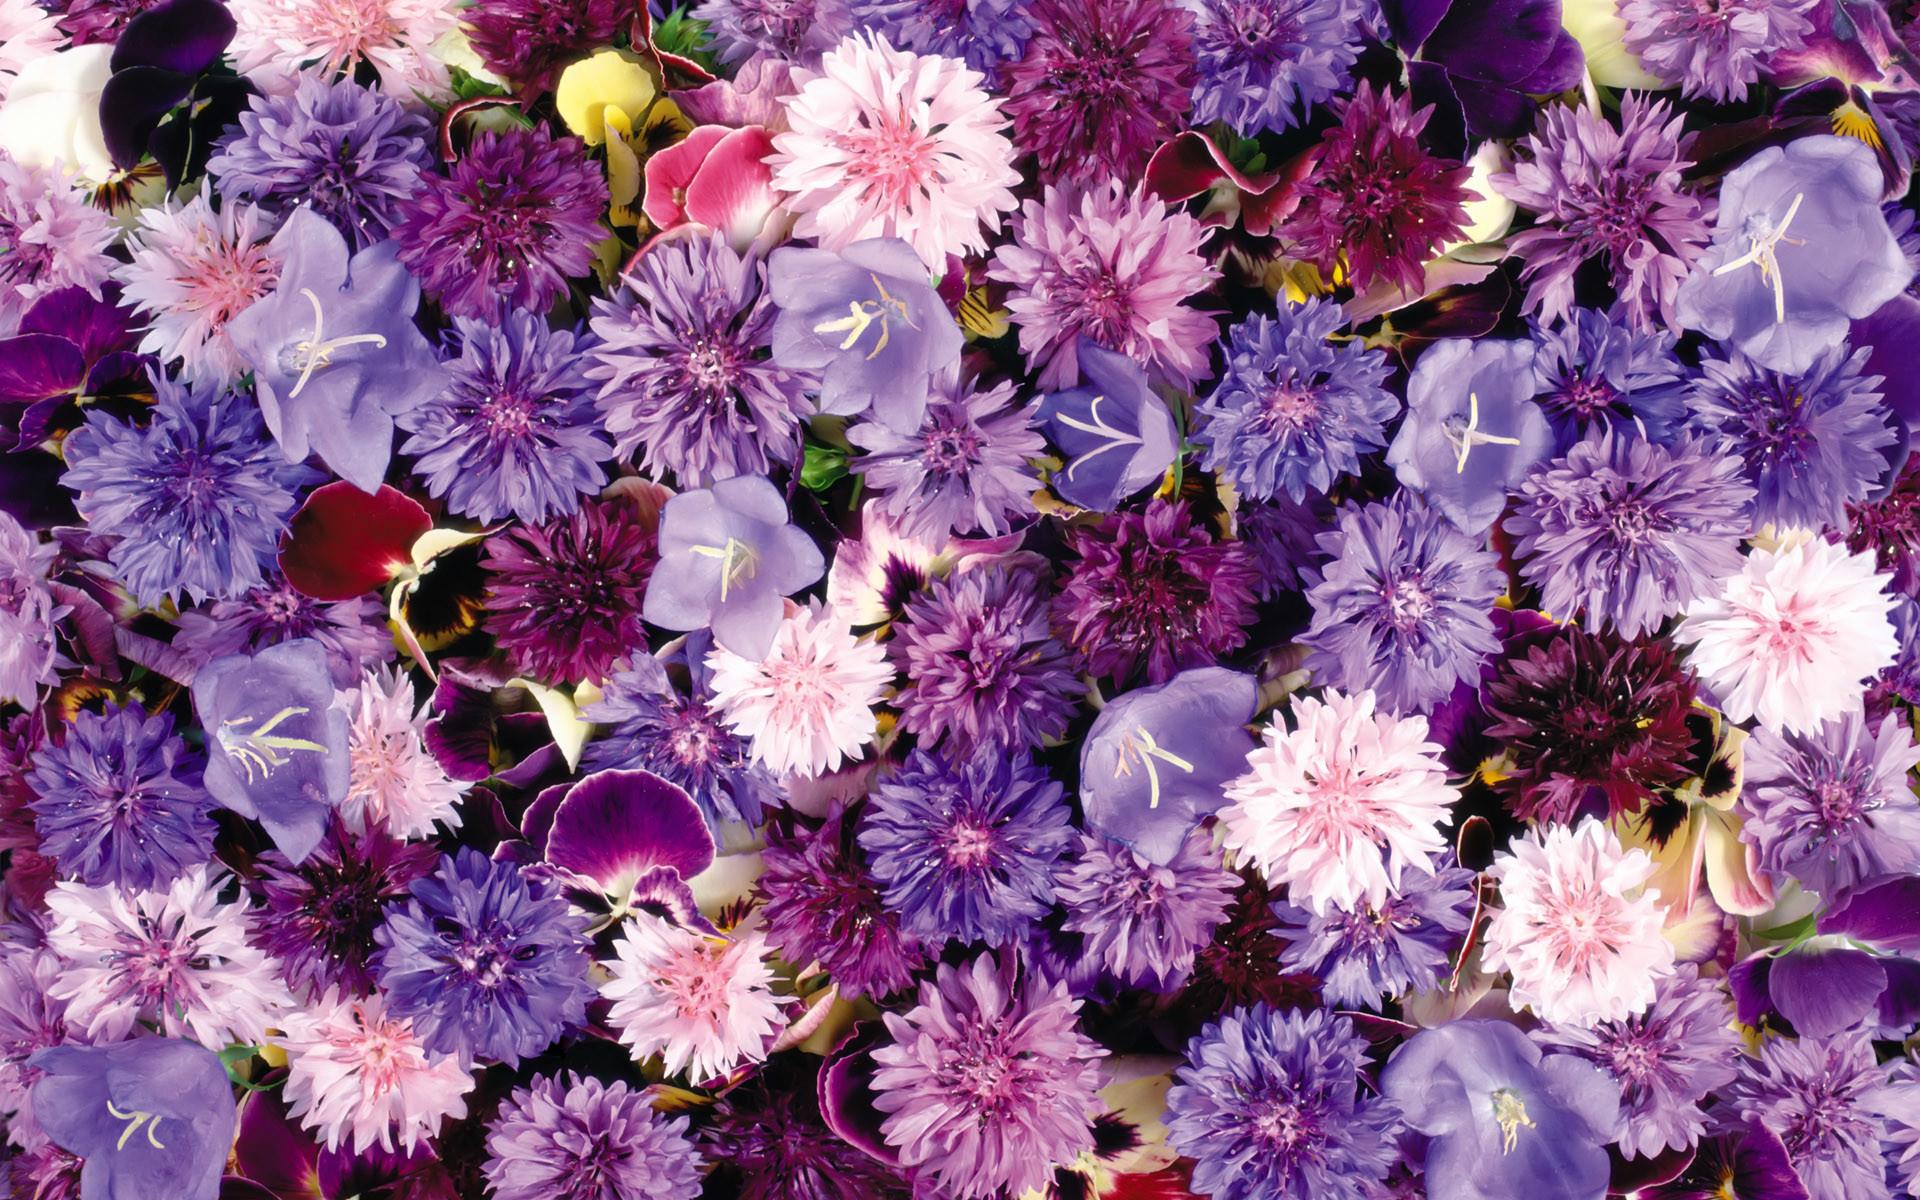 Black Floral Background Tumblr ·① WallpaperTag  Black Floral Ba...